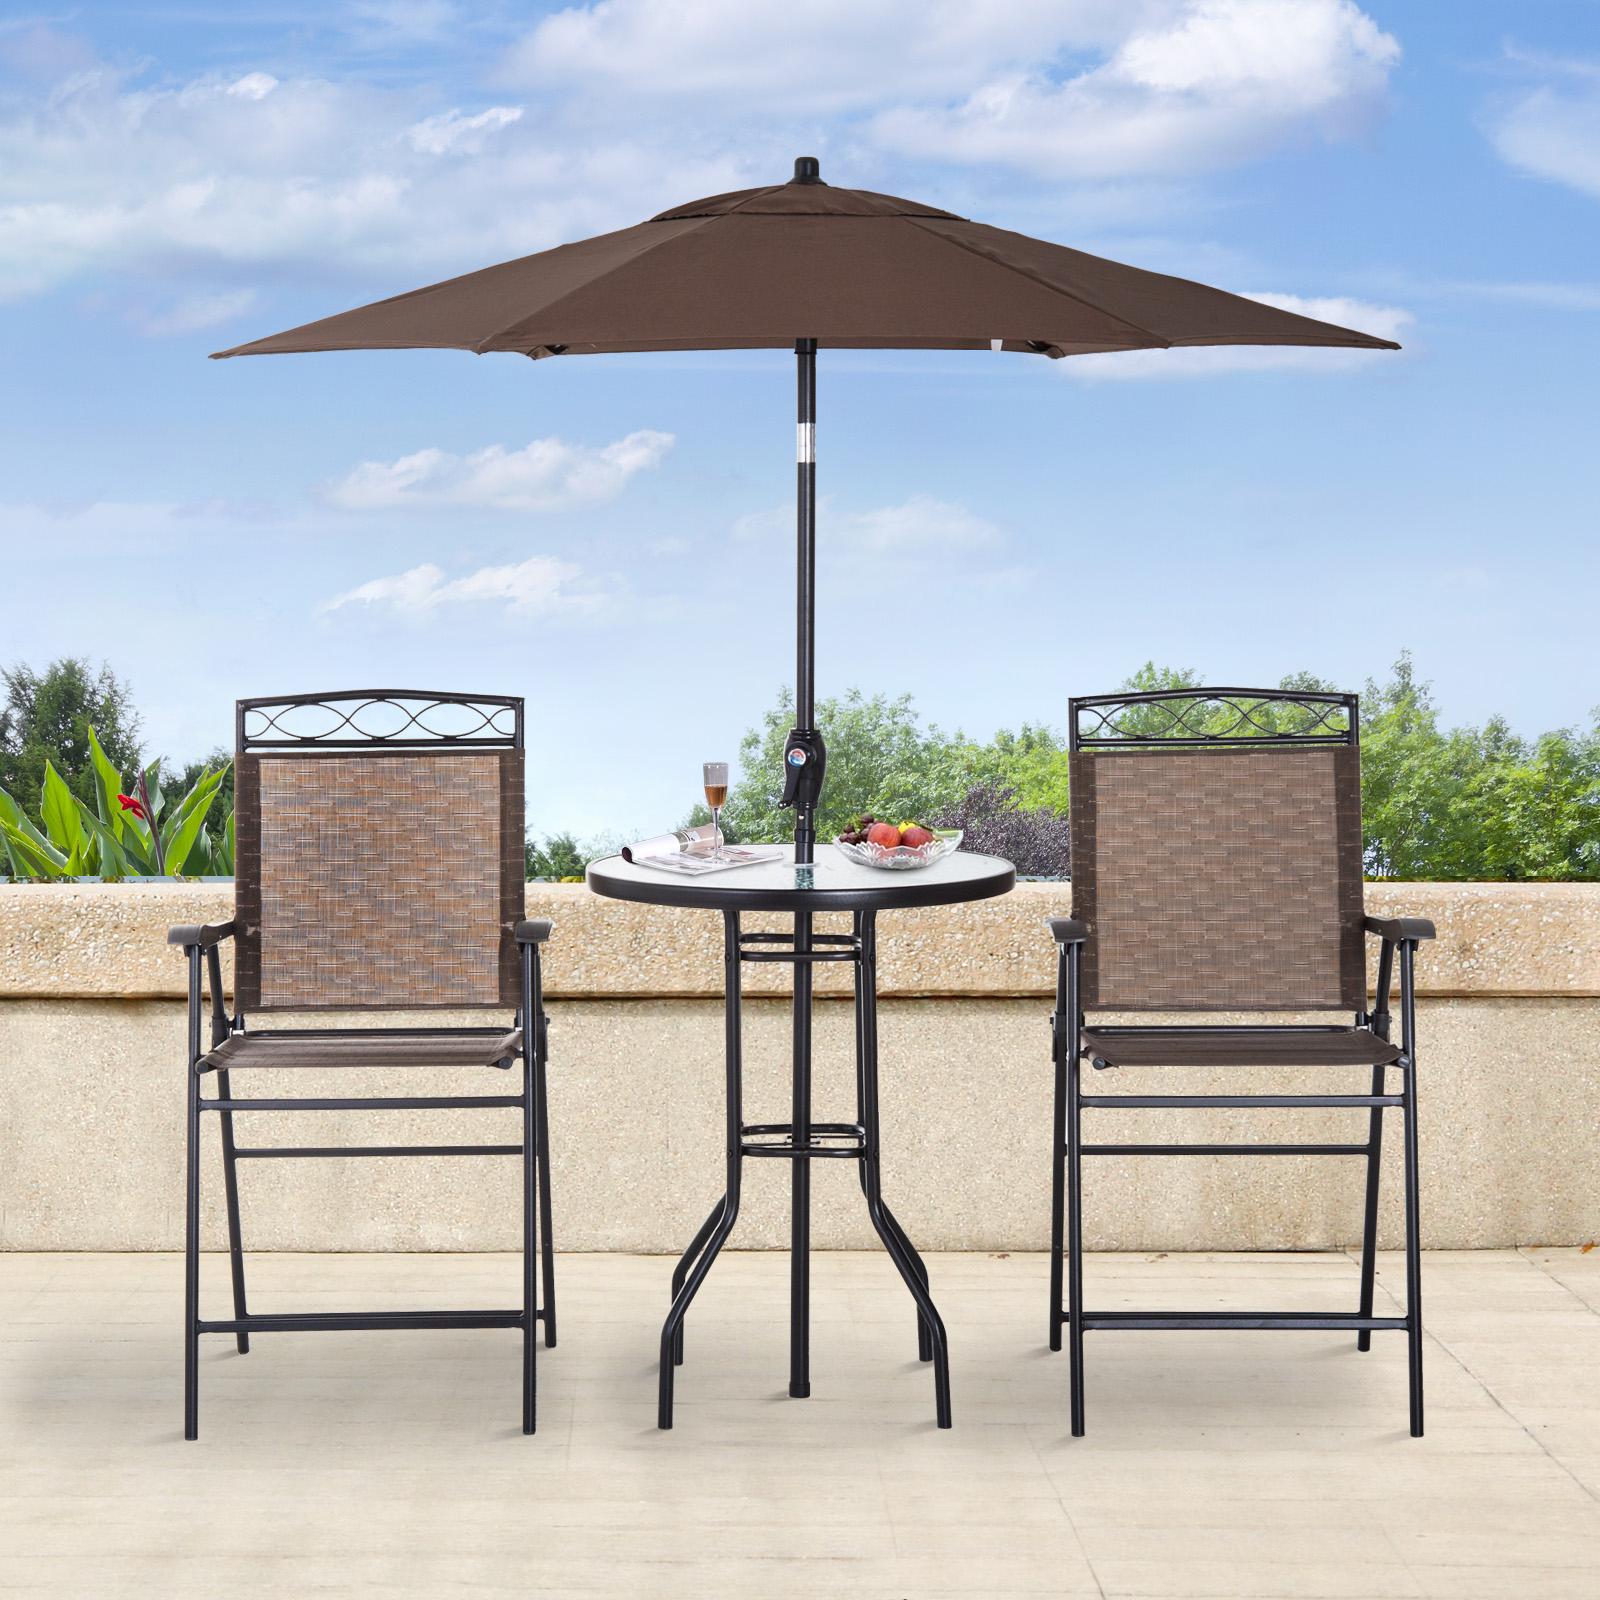 4 Pcs Outdoor Garden Folding Umbrella Table Chair Patio Dining